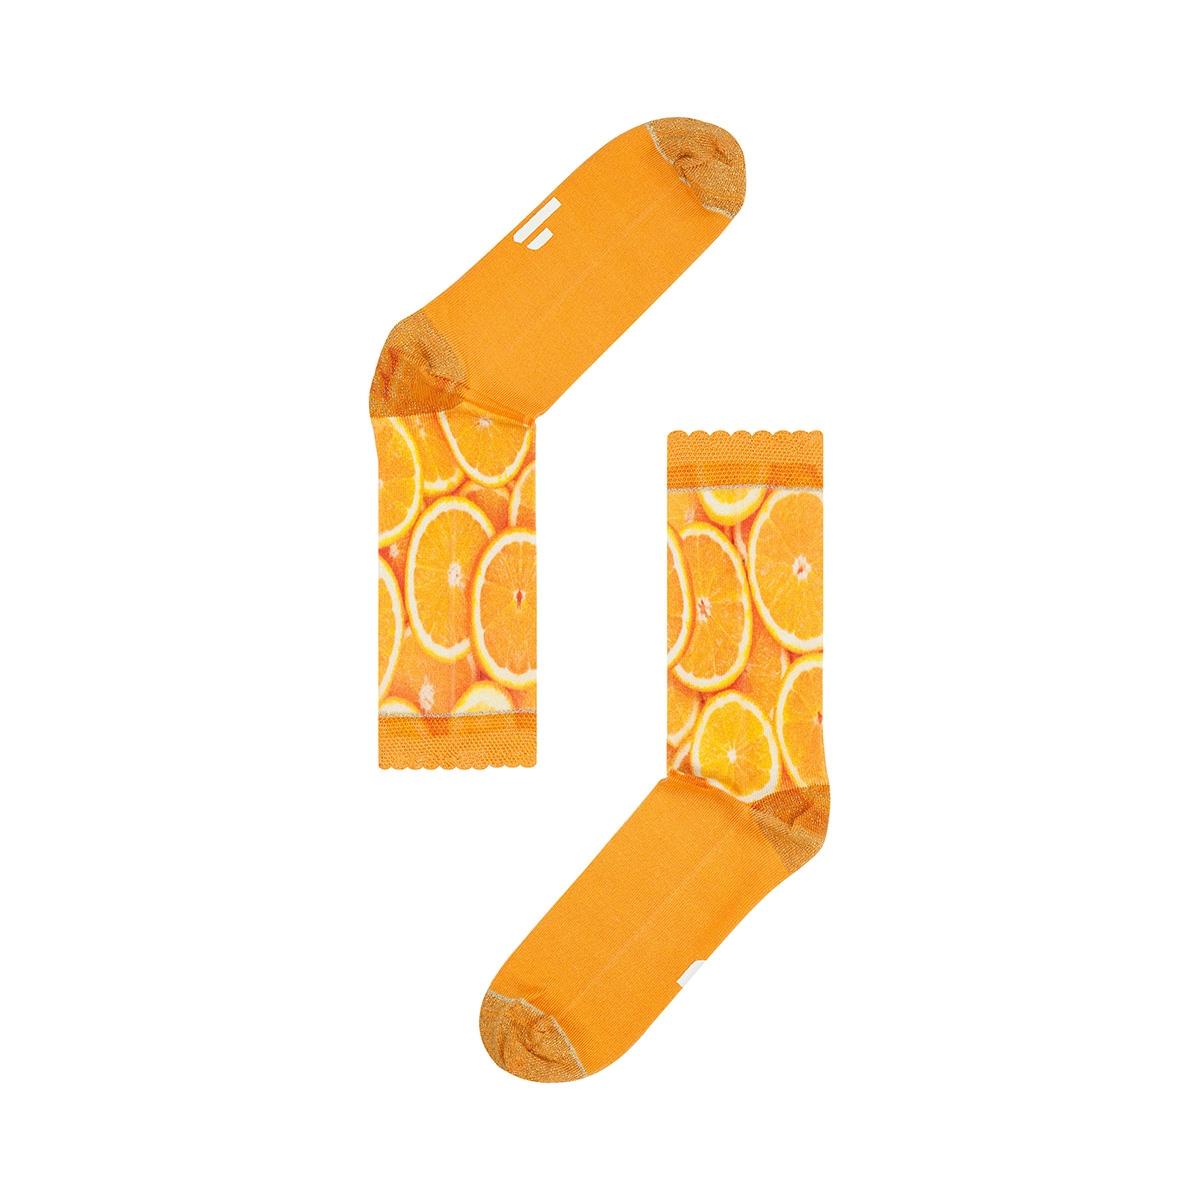 fw18w006 orange sock my feet accessoire multi